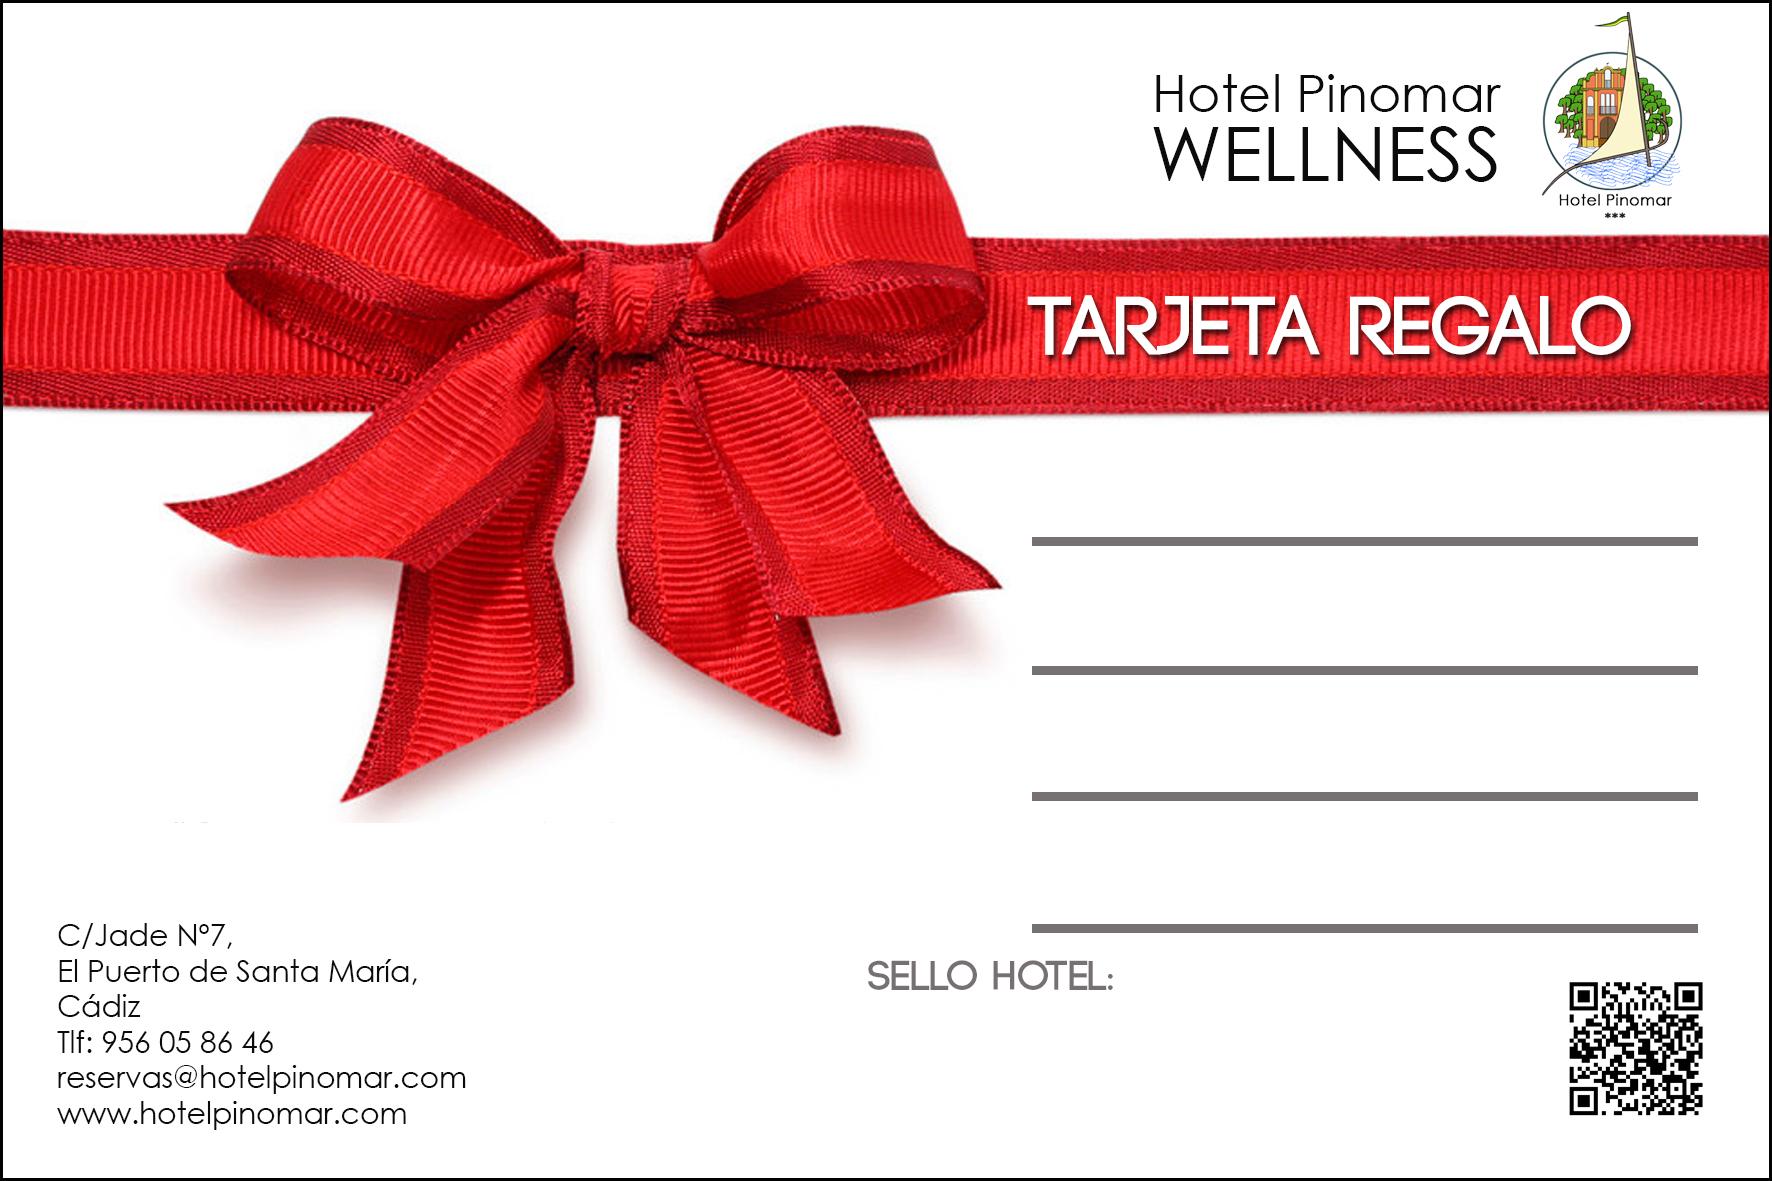 tarjeta-regalo-wellness